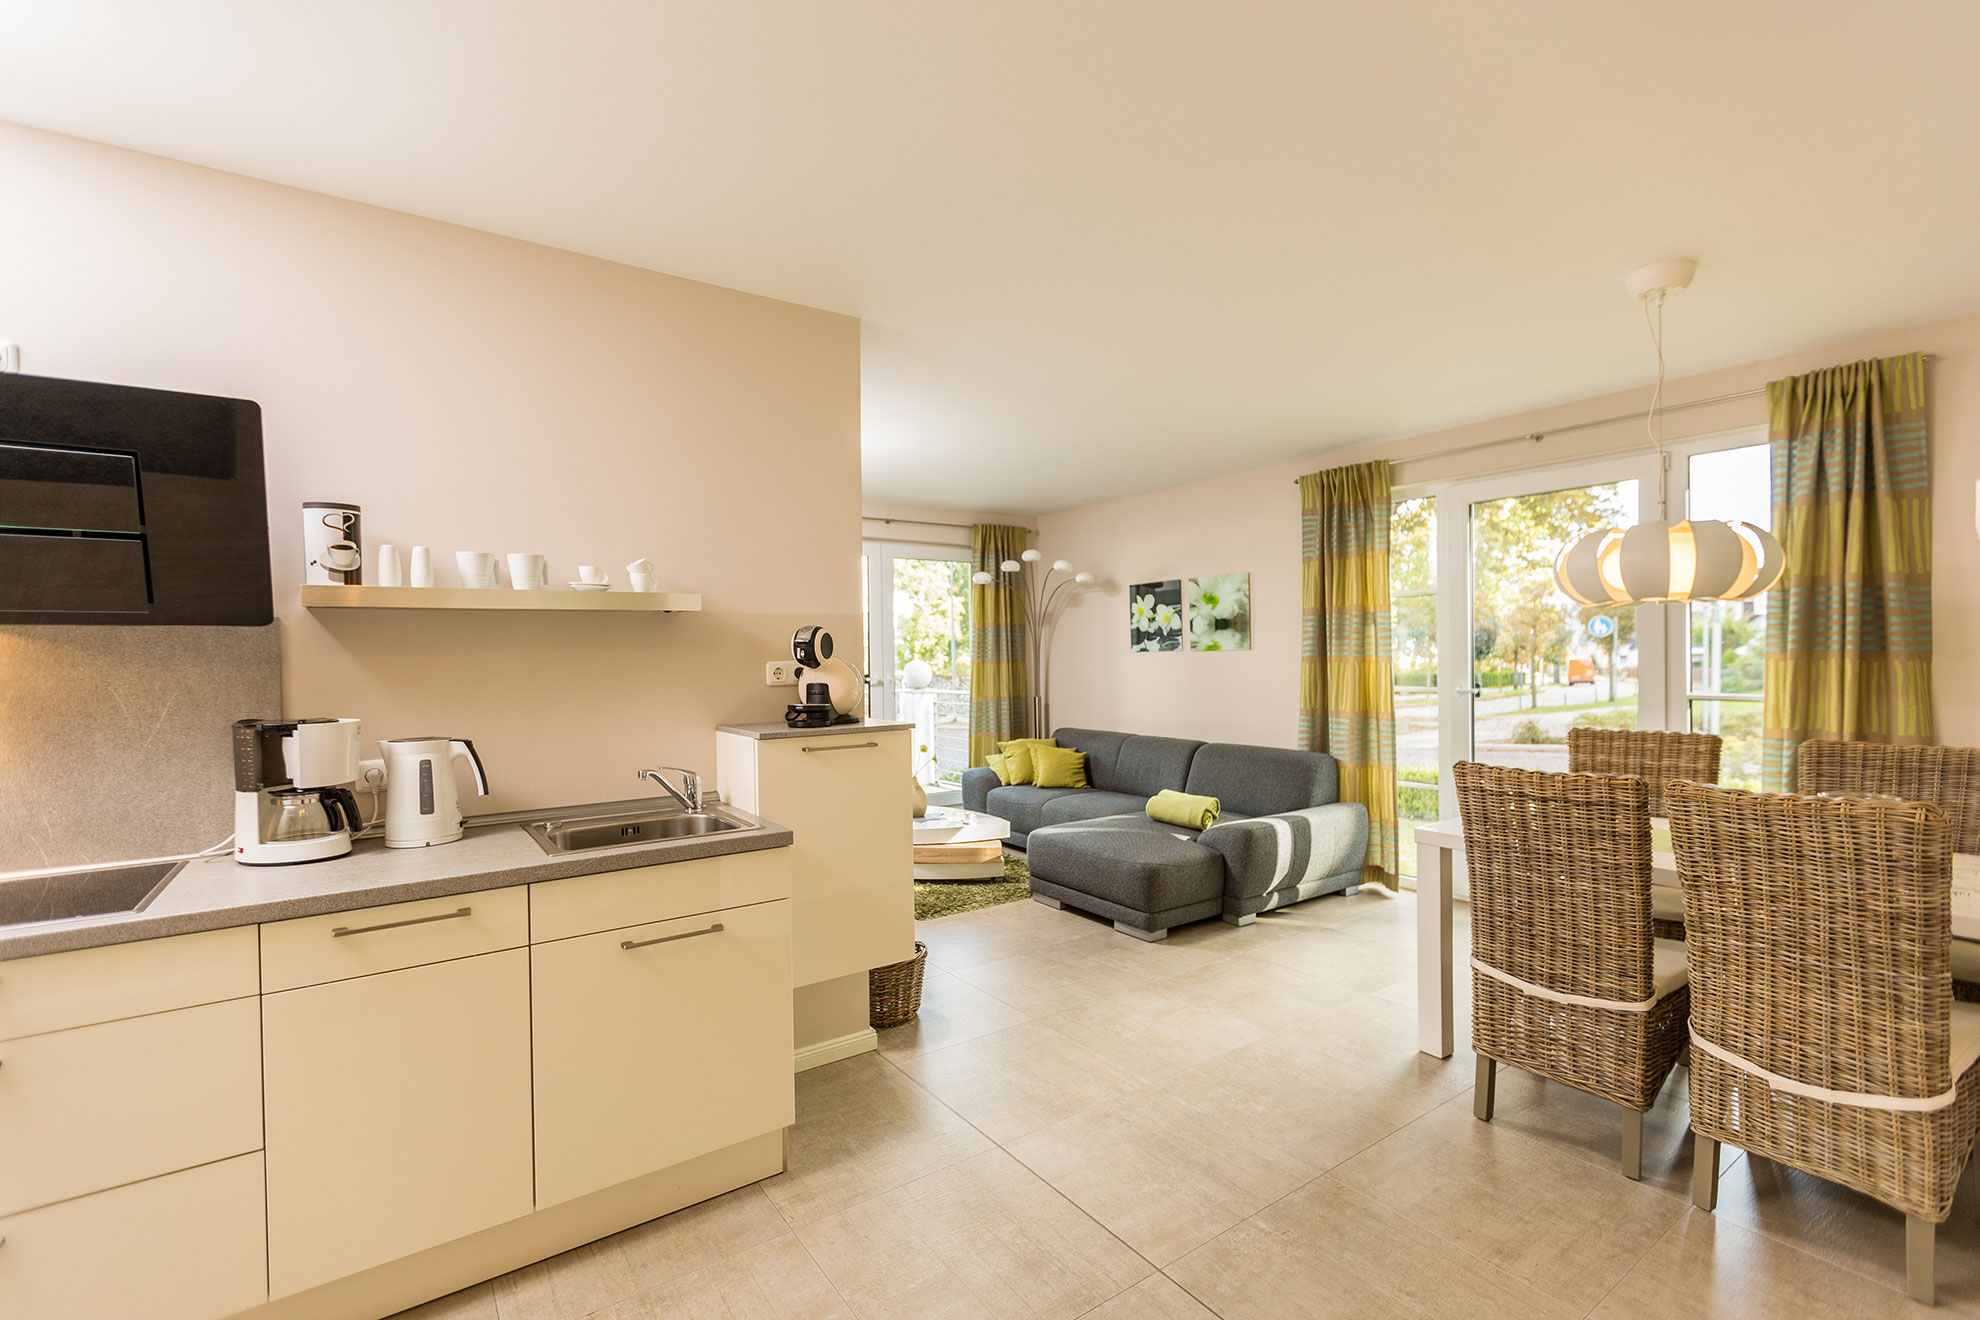 Residenz Capitello Luxus-Ferienwohnung Binz, Appartement 1 **** direkt am Kurpark in Binz auf Rügen